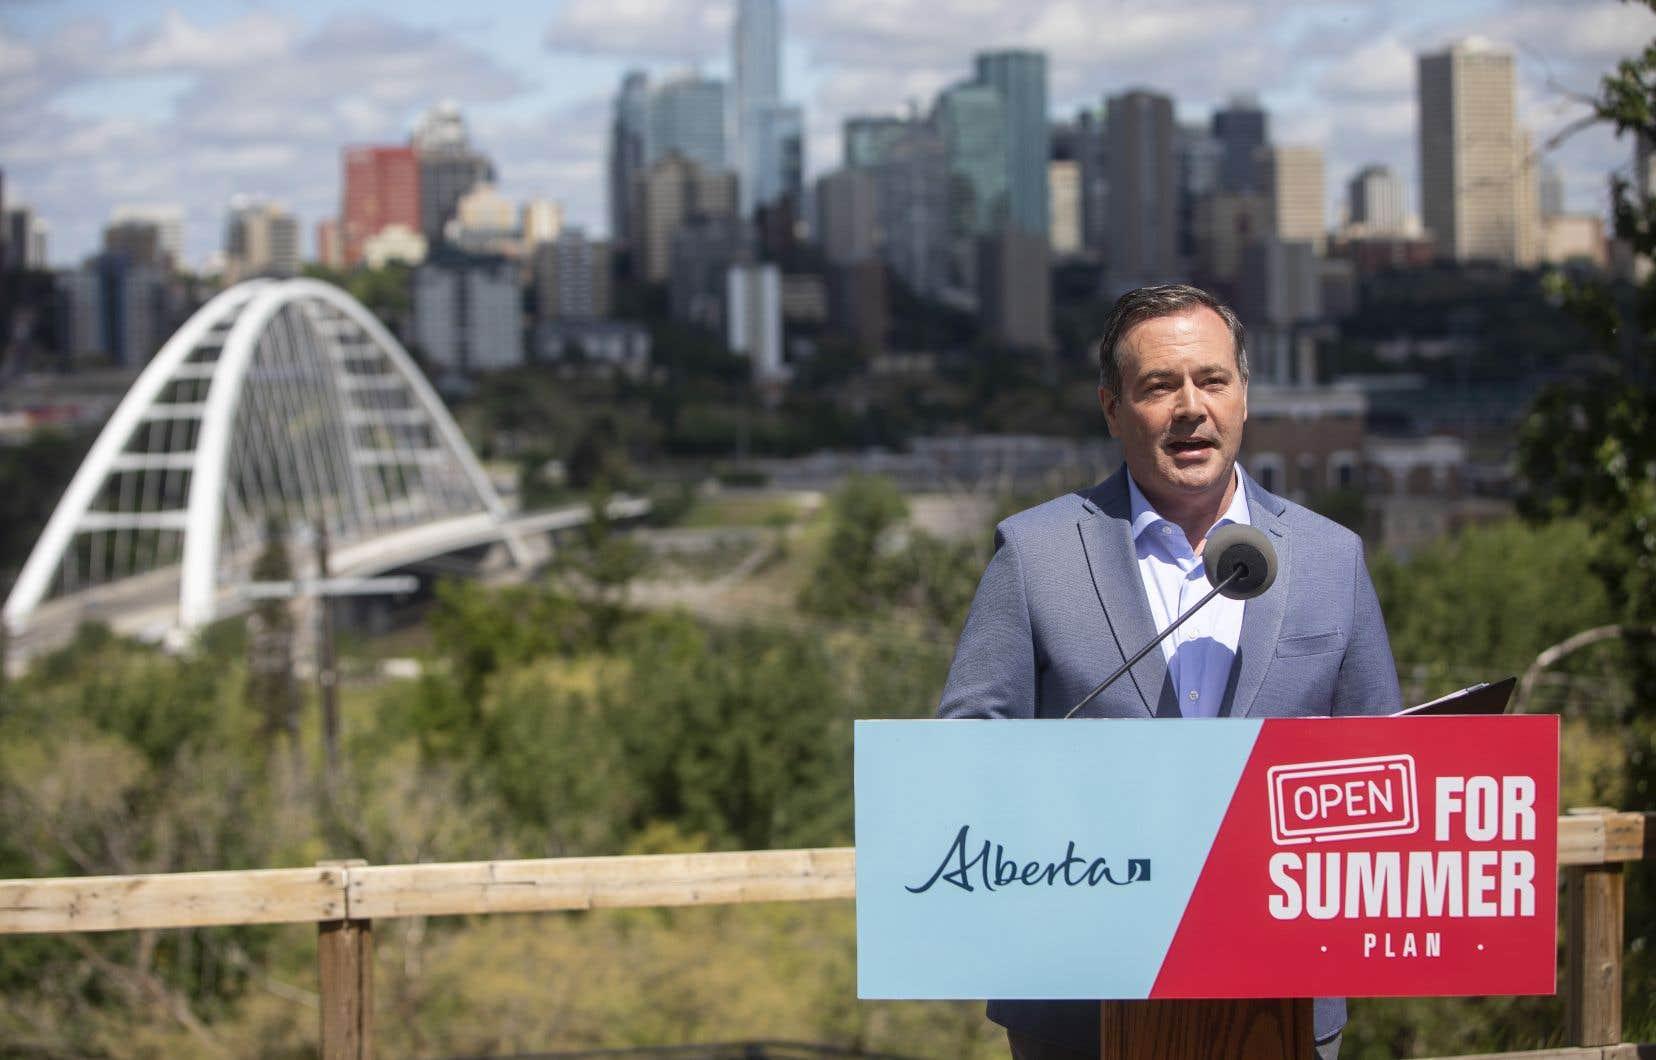 Vendredi, le premier ministre, Jason Kenney, a expliqué qu'avec 70,2% des Albertains âgés de 12ans ou plus ayant maintenant reçu une dose de vaccin, il sera sécuritaire de compléter le retour à la normale dans deux semaines.